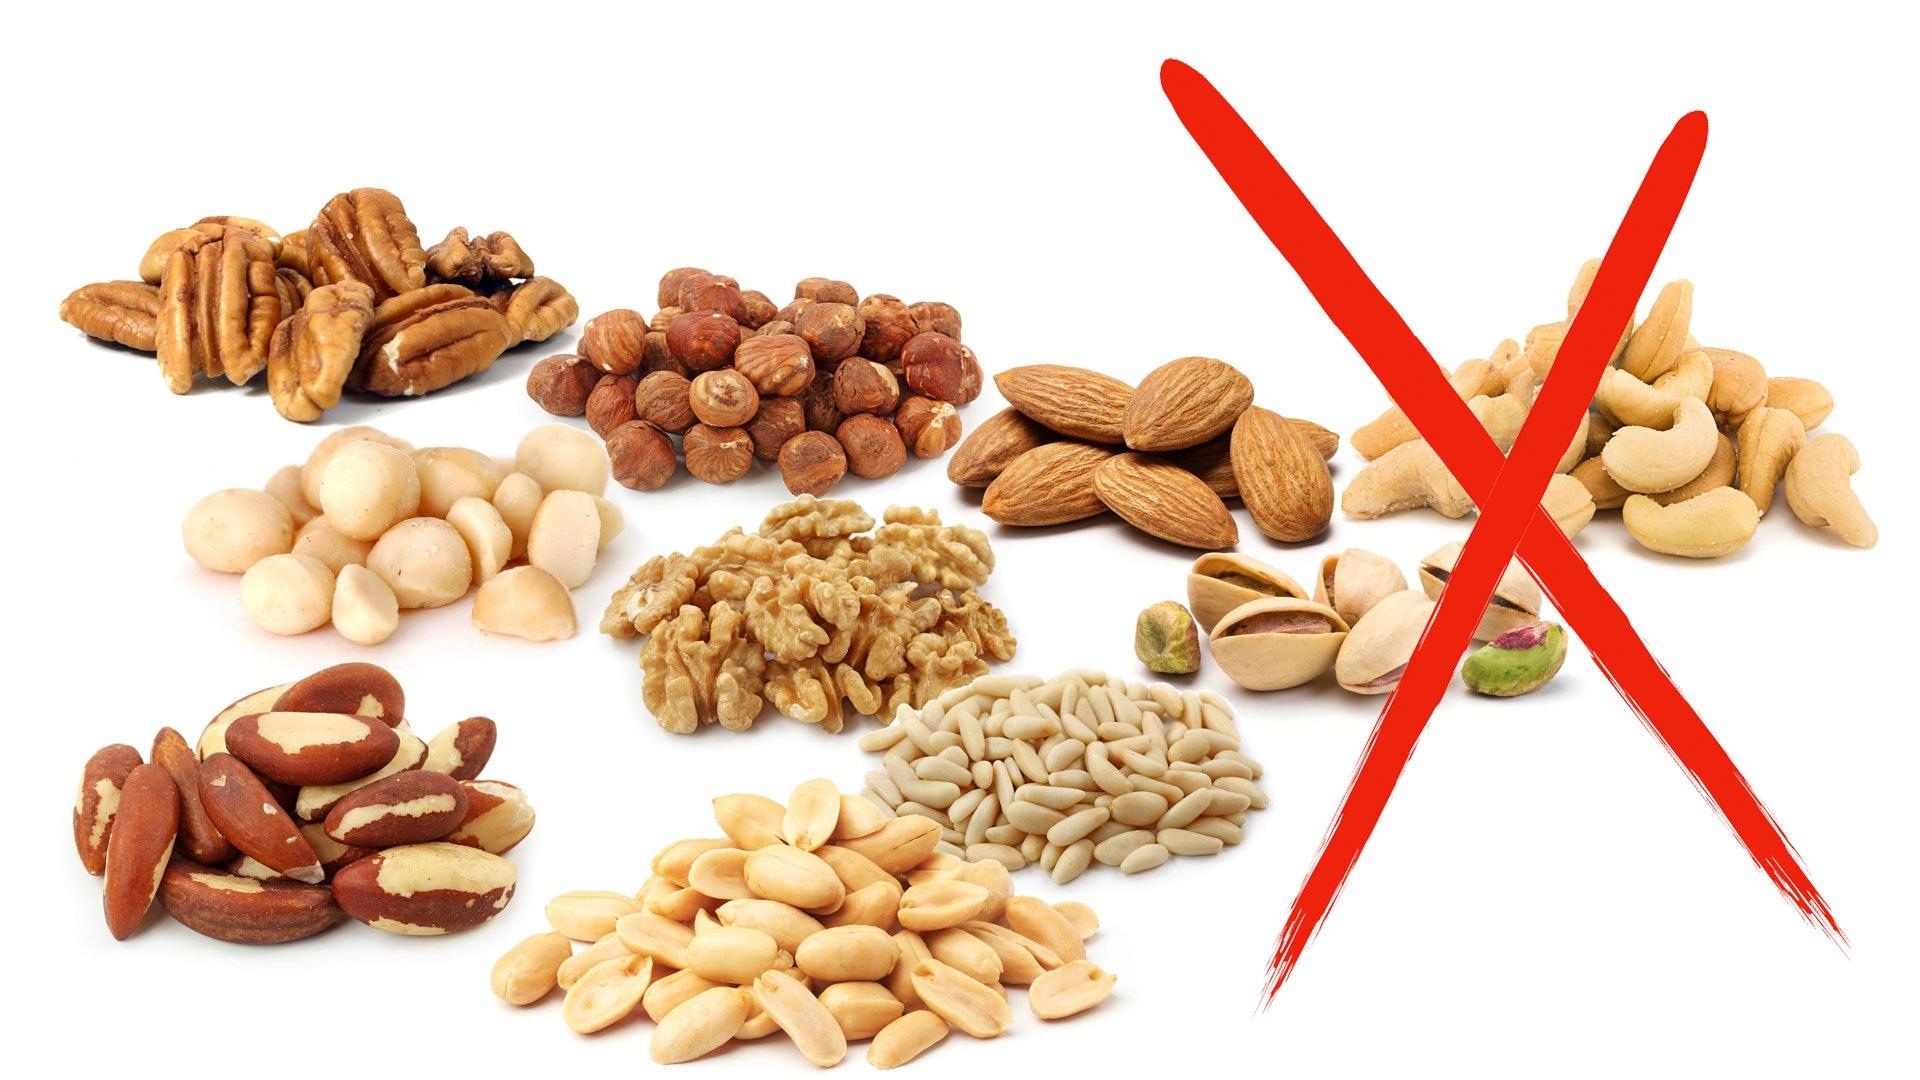 Alimentos permitidos y prohibidos dieta cetogenica